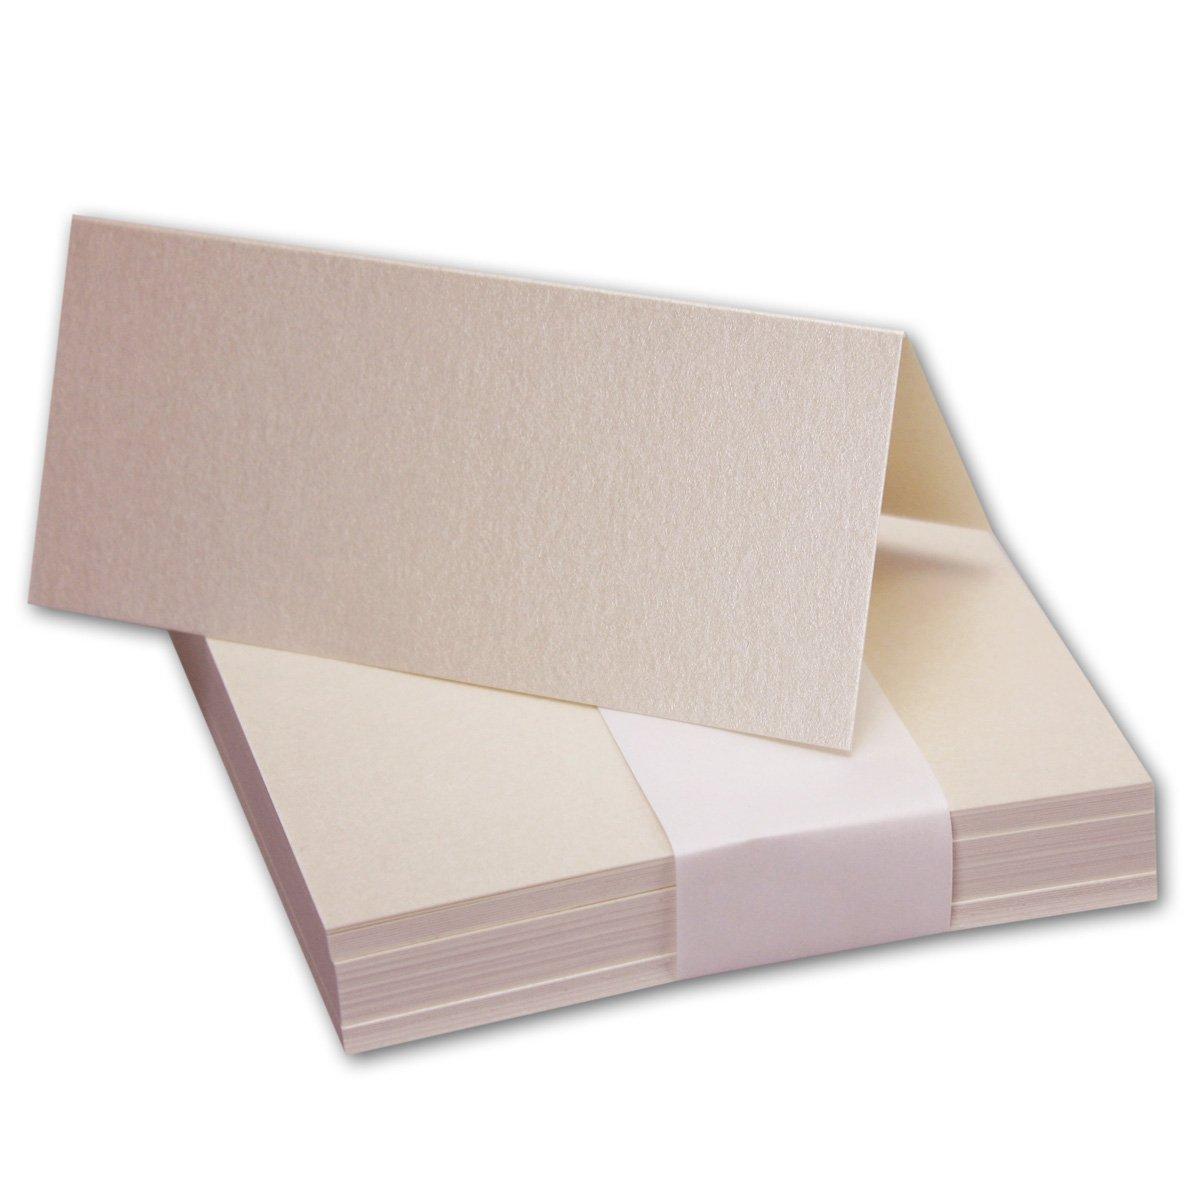 200x Tischkarten in Hochweiß I Größe  100 x 90 mm (Gefaltet 100 x 45 mm) I 240 g m² - Sehr Schwere und Stabile Qualität I aus der Serie FarbenFroh von NEUSER  B07FSDPRQ8 | Qualitativ Hochwertiges Produkt